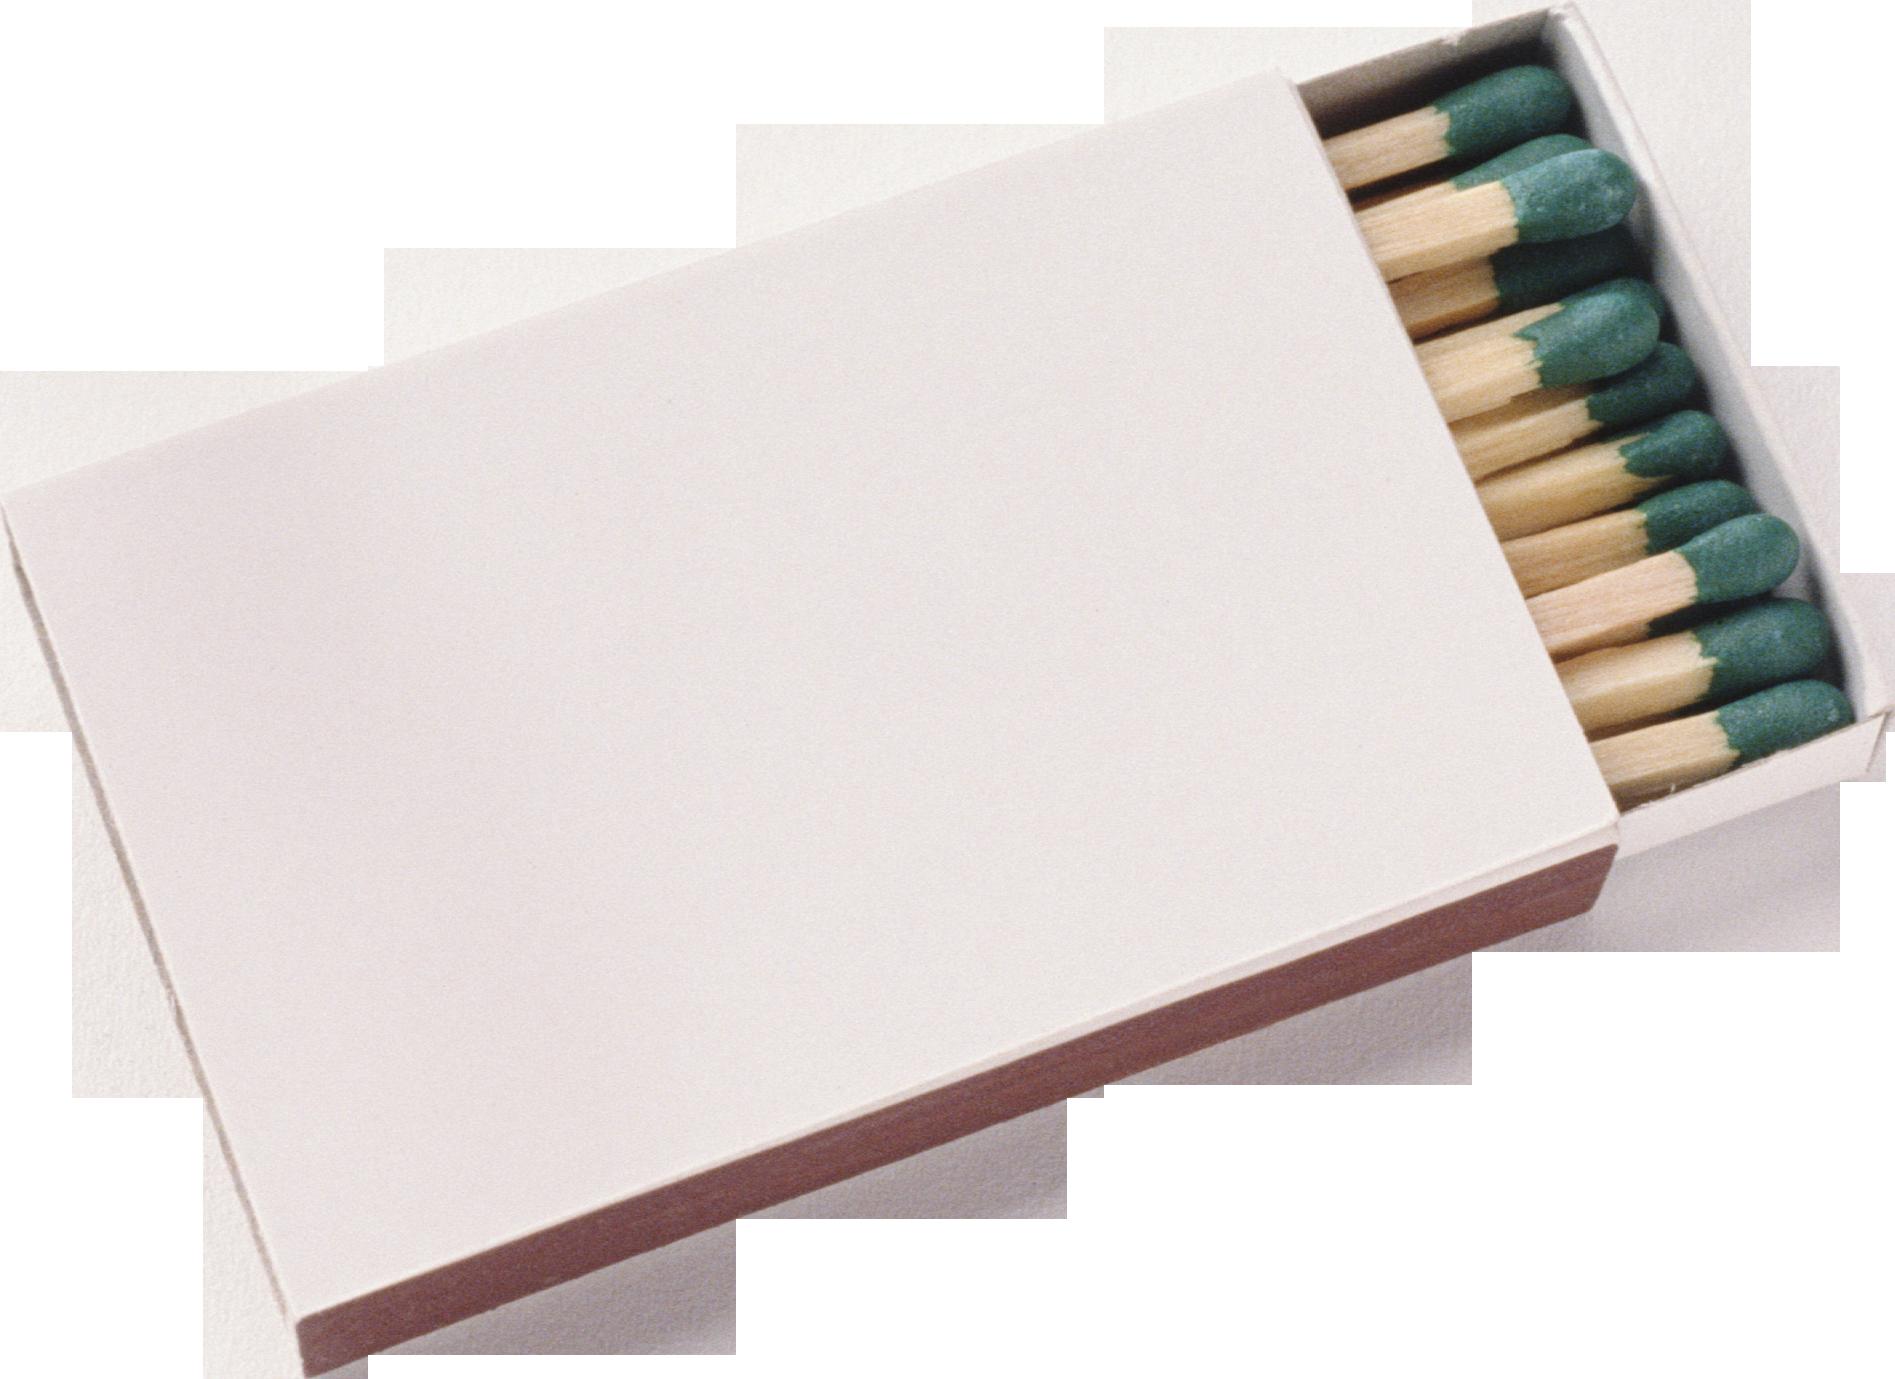 Match Box PNG Image